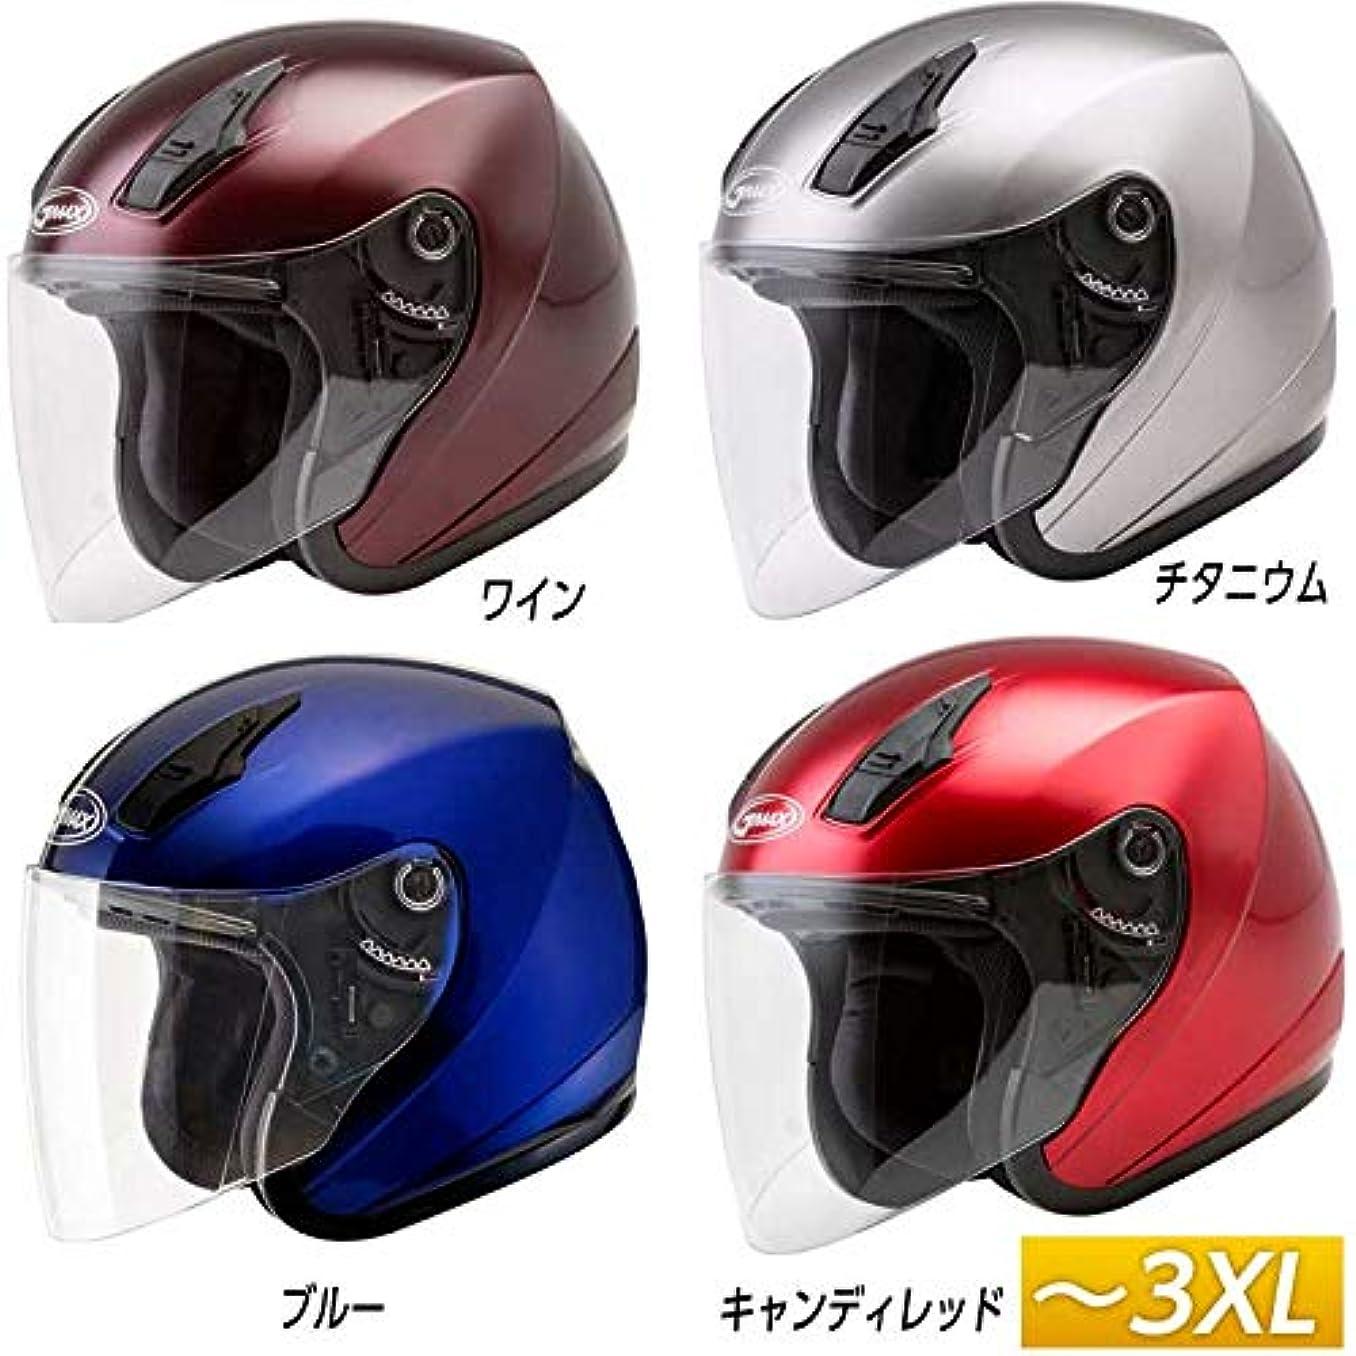 出くわす評価する電気陽性GMAX ジーマックス OF17 Color ジェットヘルメット オシャレ オープンフェイス ライダー バイク(XL(61~62cm) ブルー)